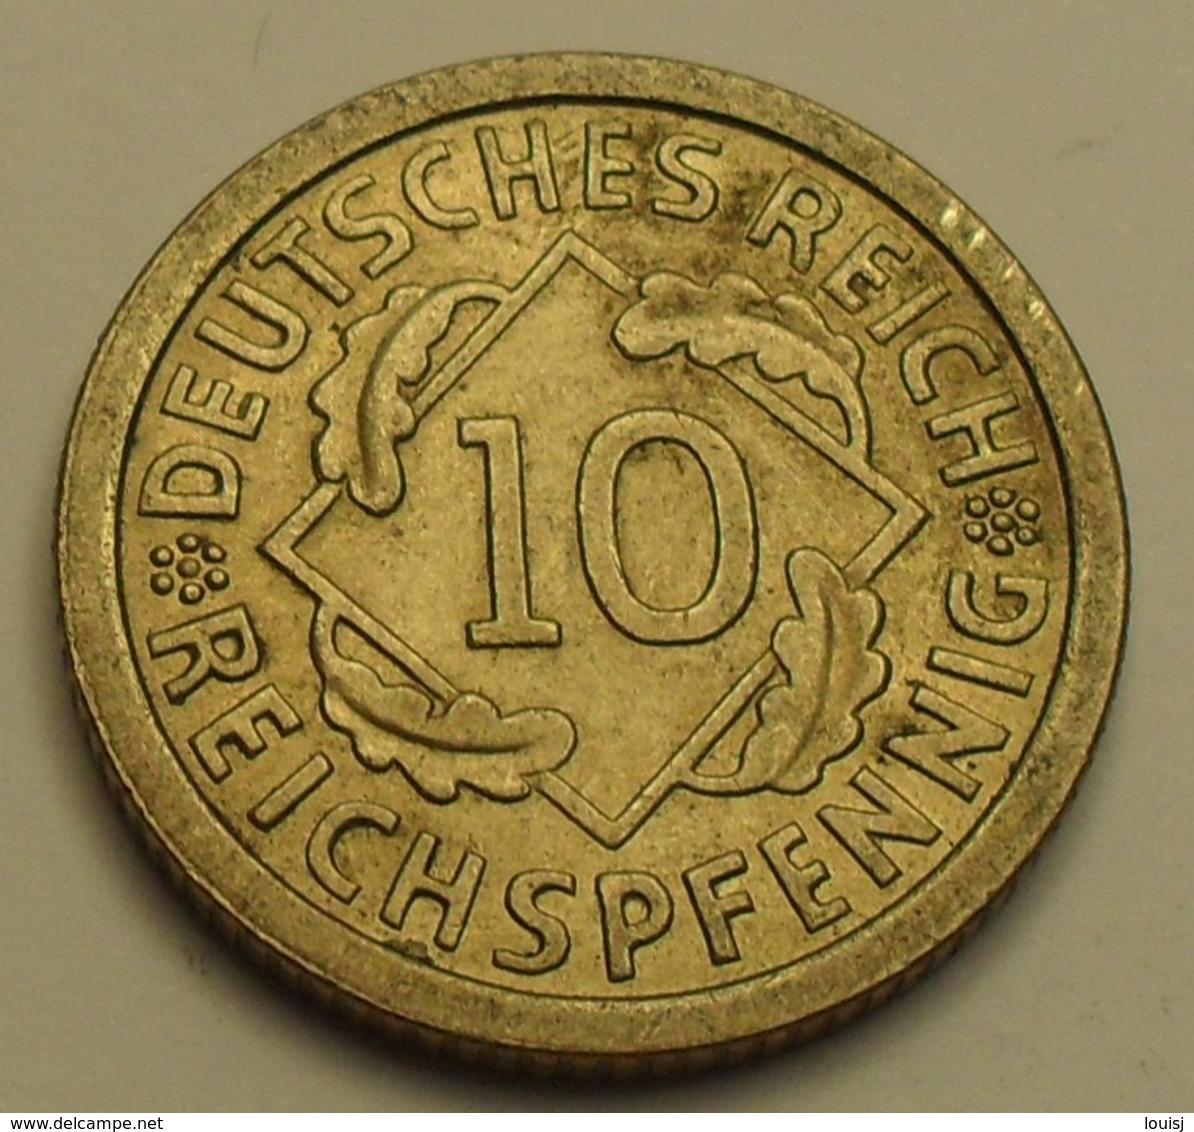 1924 - Allemagne - Germany - Weimar Republic - 10 REICHPFENNIG, (F), KM 40 - 10 Rentenpfennig & 10 Reichspfennig